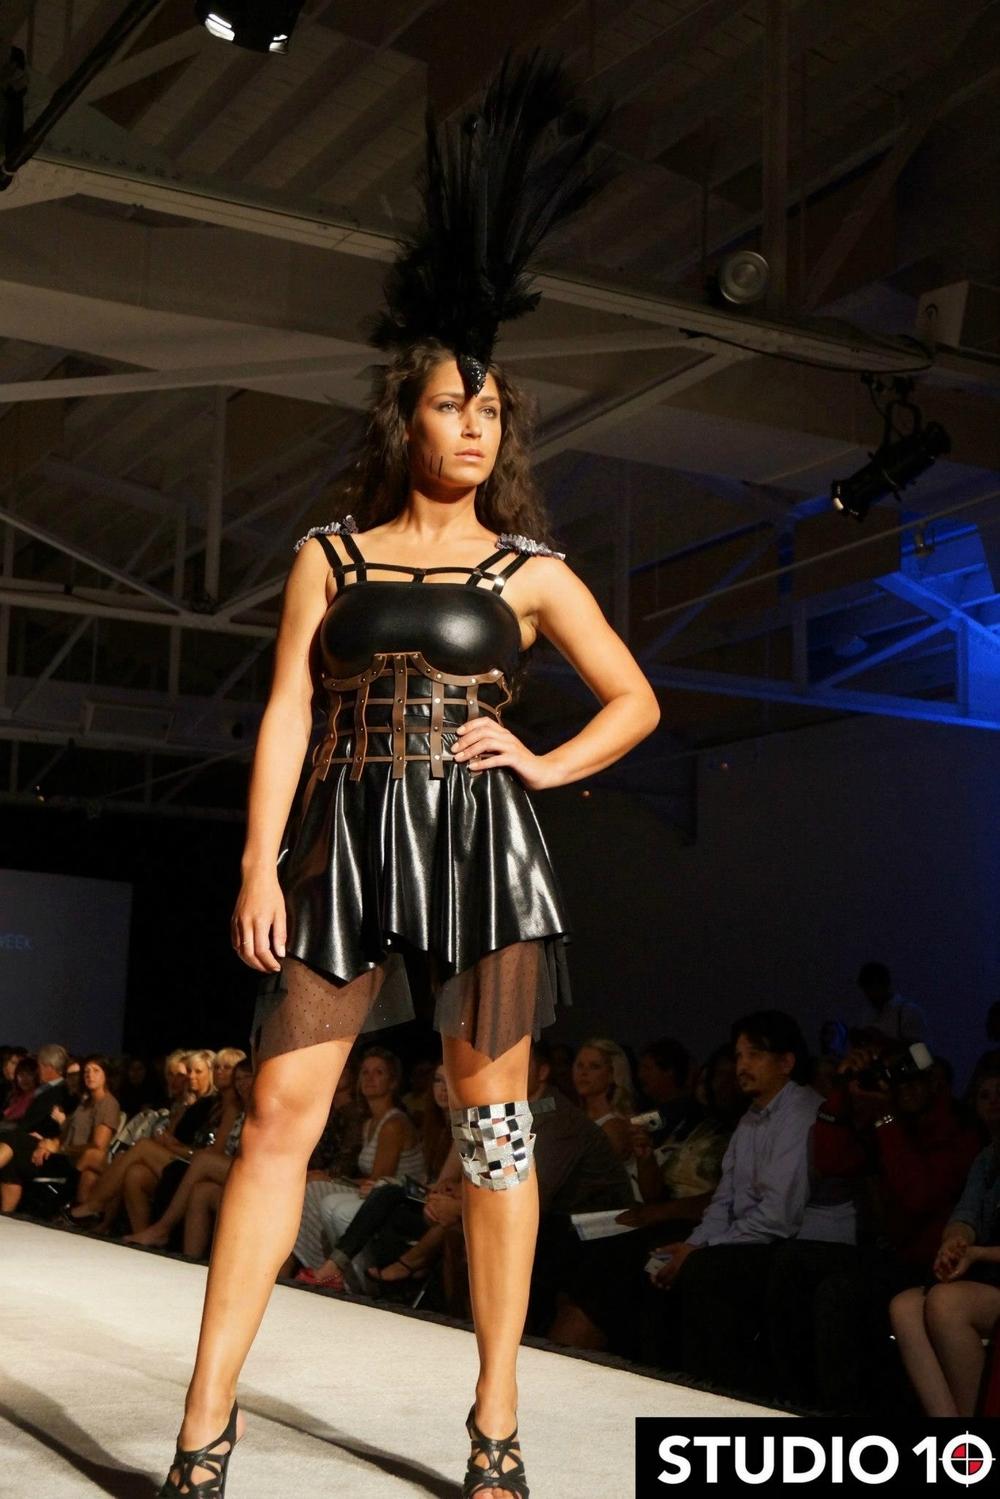 kia gladiator corset ofw.jpg